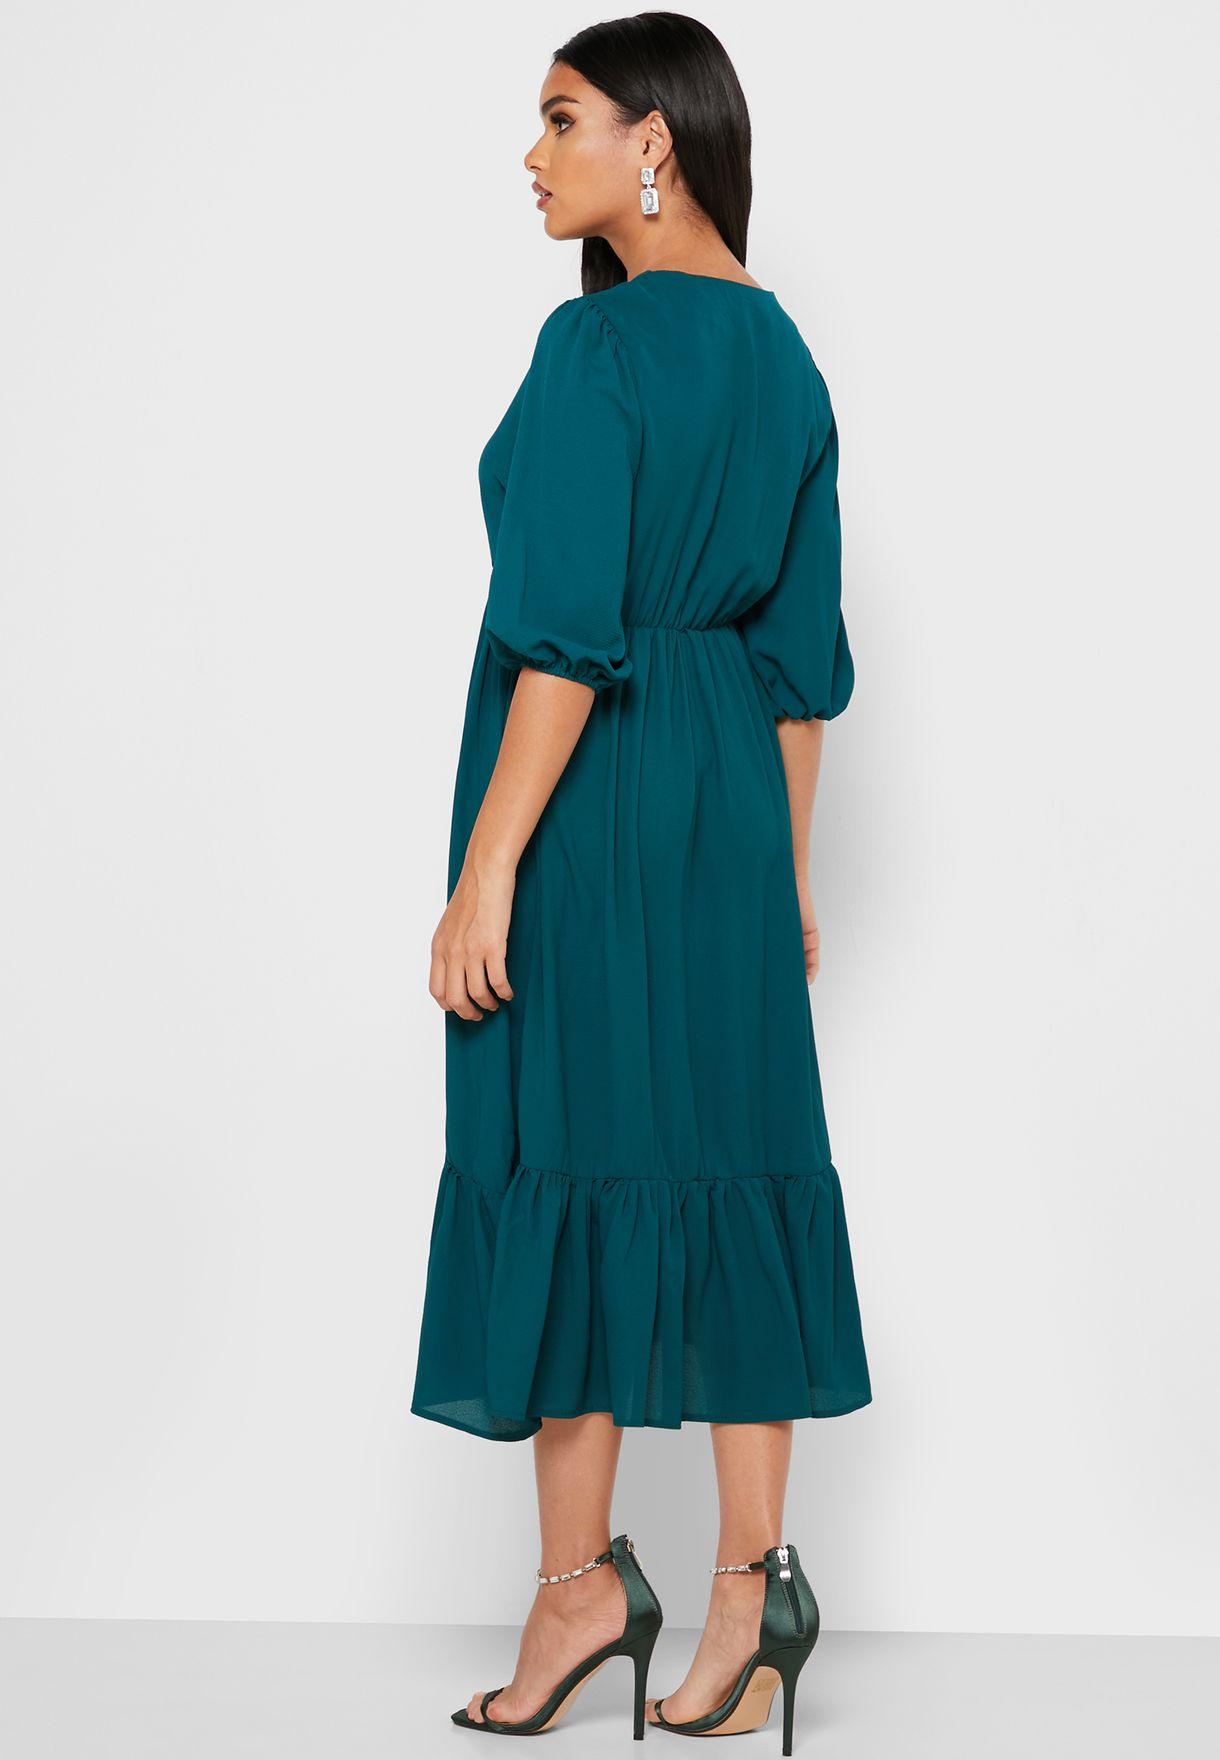 TIE NECK DETAIL DRESS